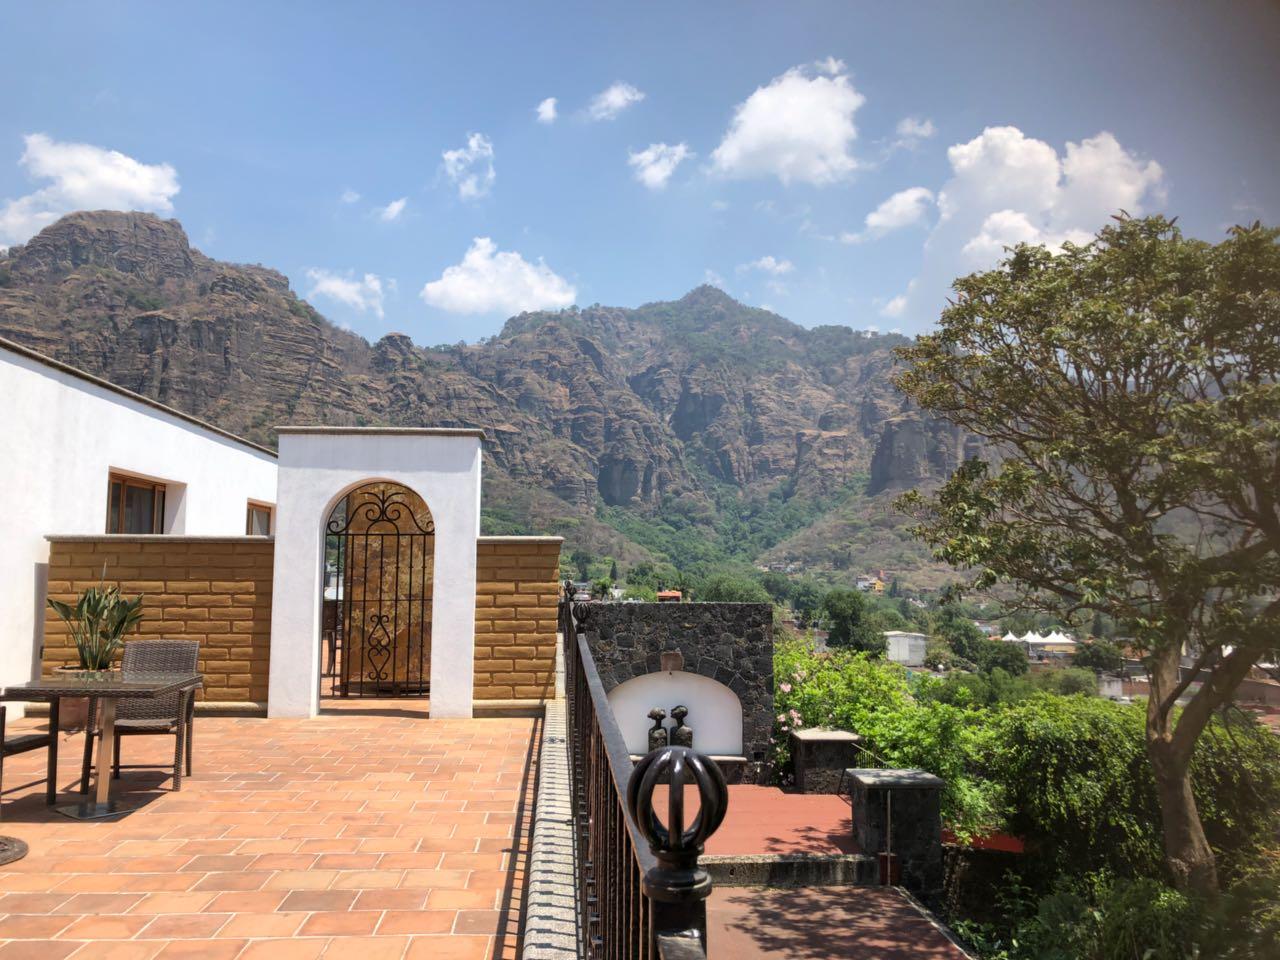 Tesoros de sabor en Morelos y Guerrero